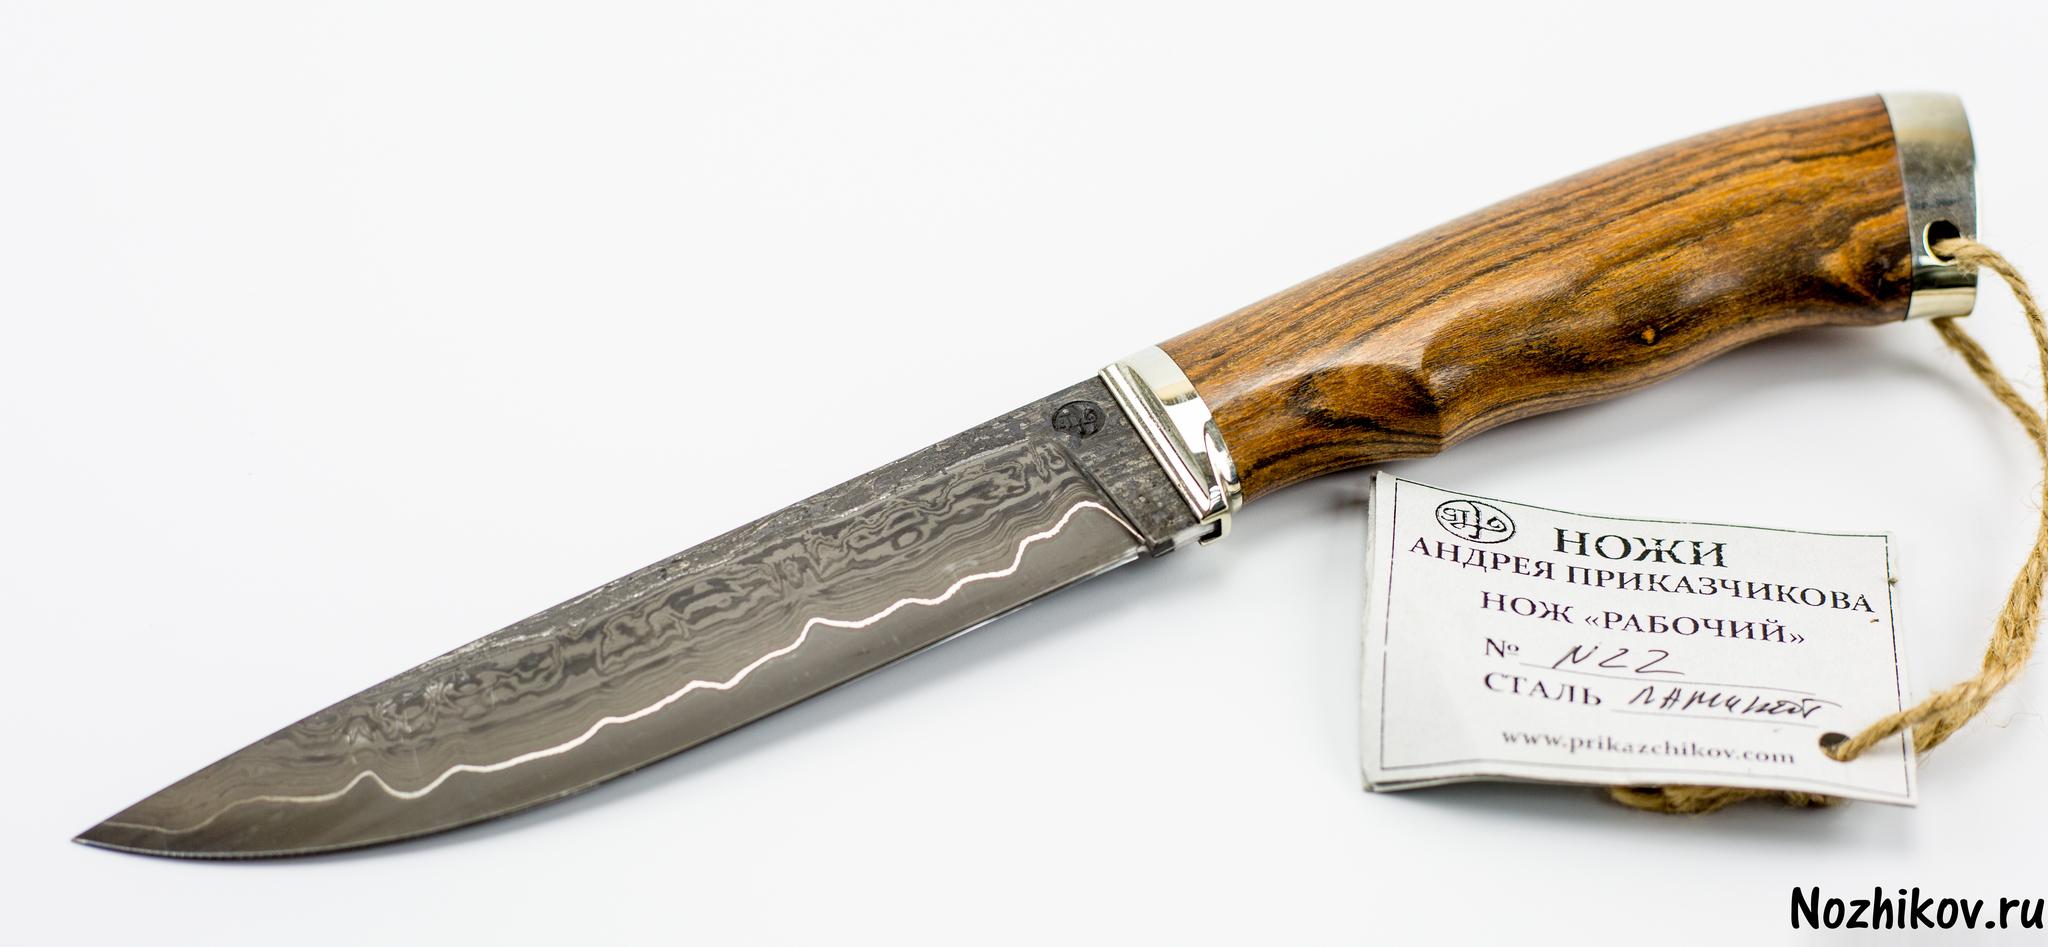 Нож Рабочий №22 из Ламината, от Приказчикова цена